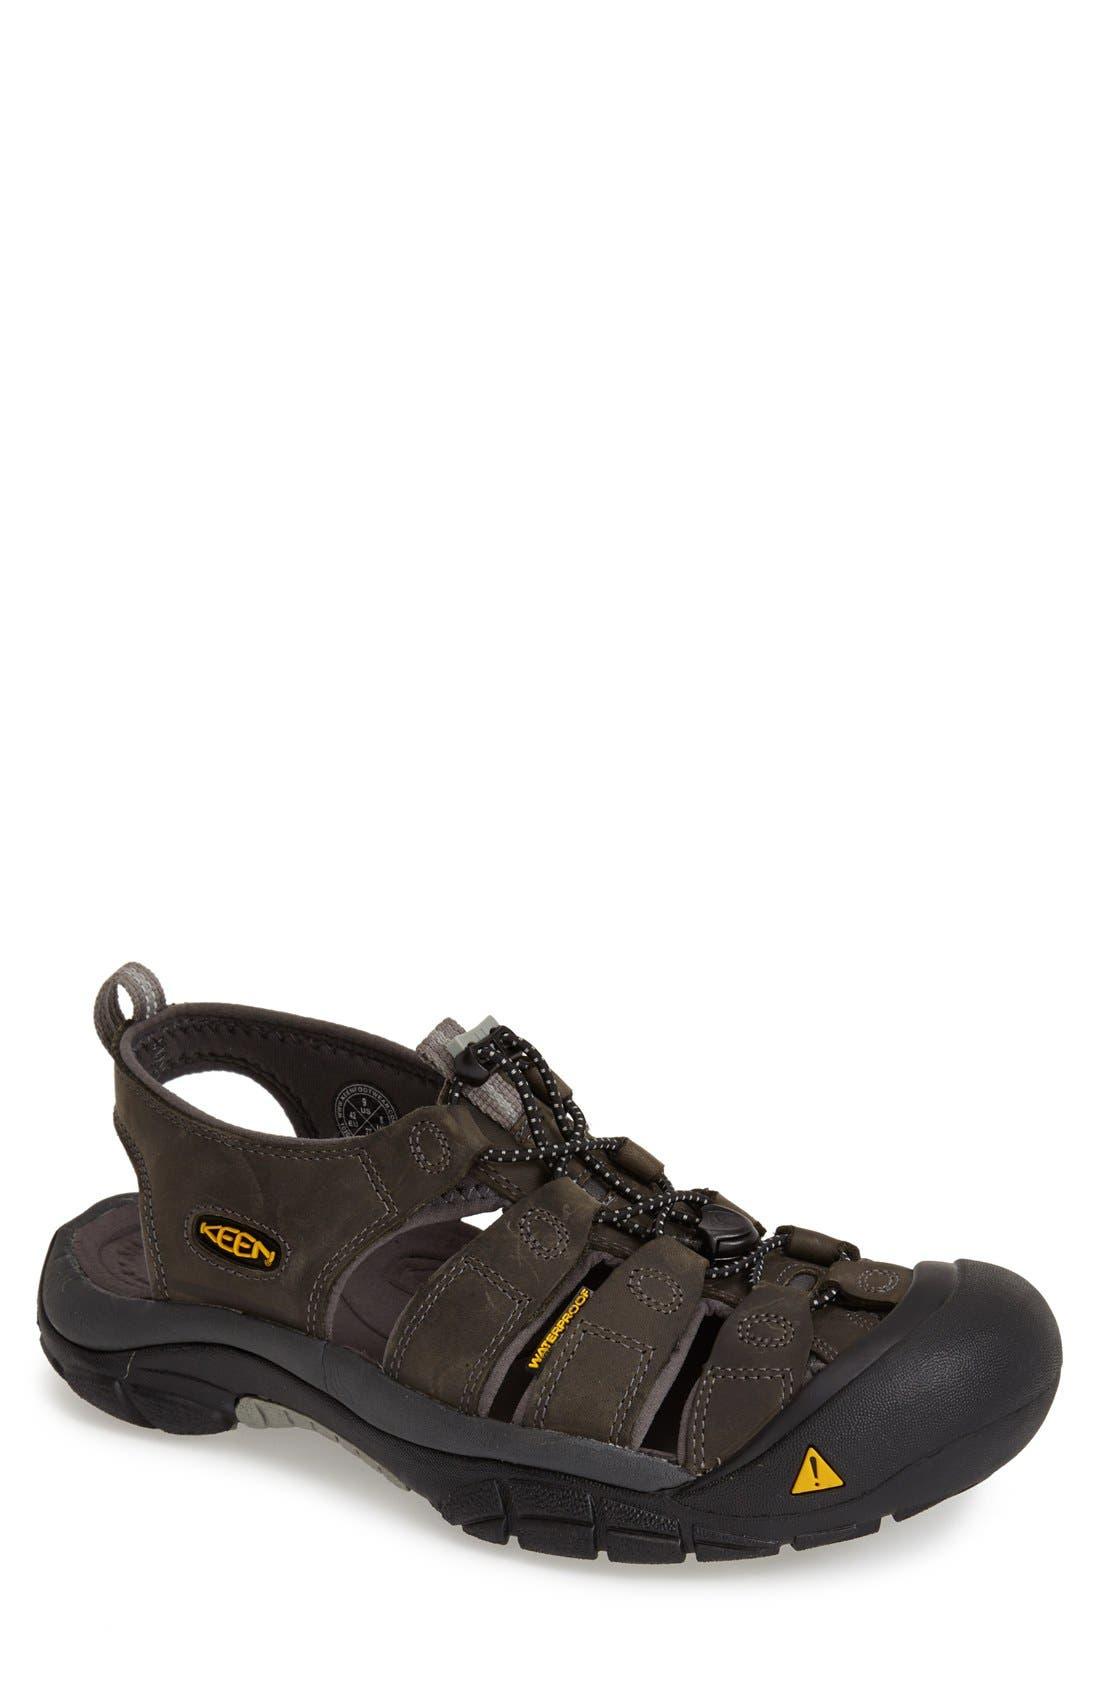 Main Image - Keen 'Newport' Water Sandal (Men)